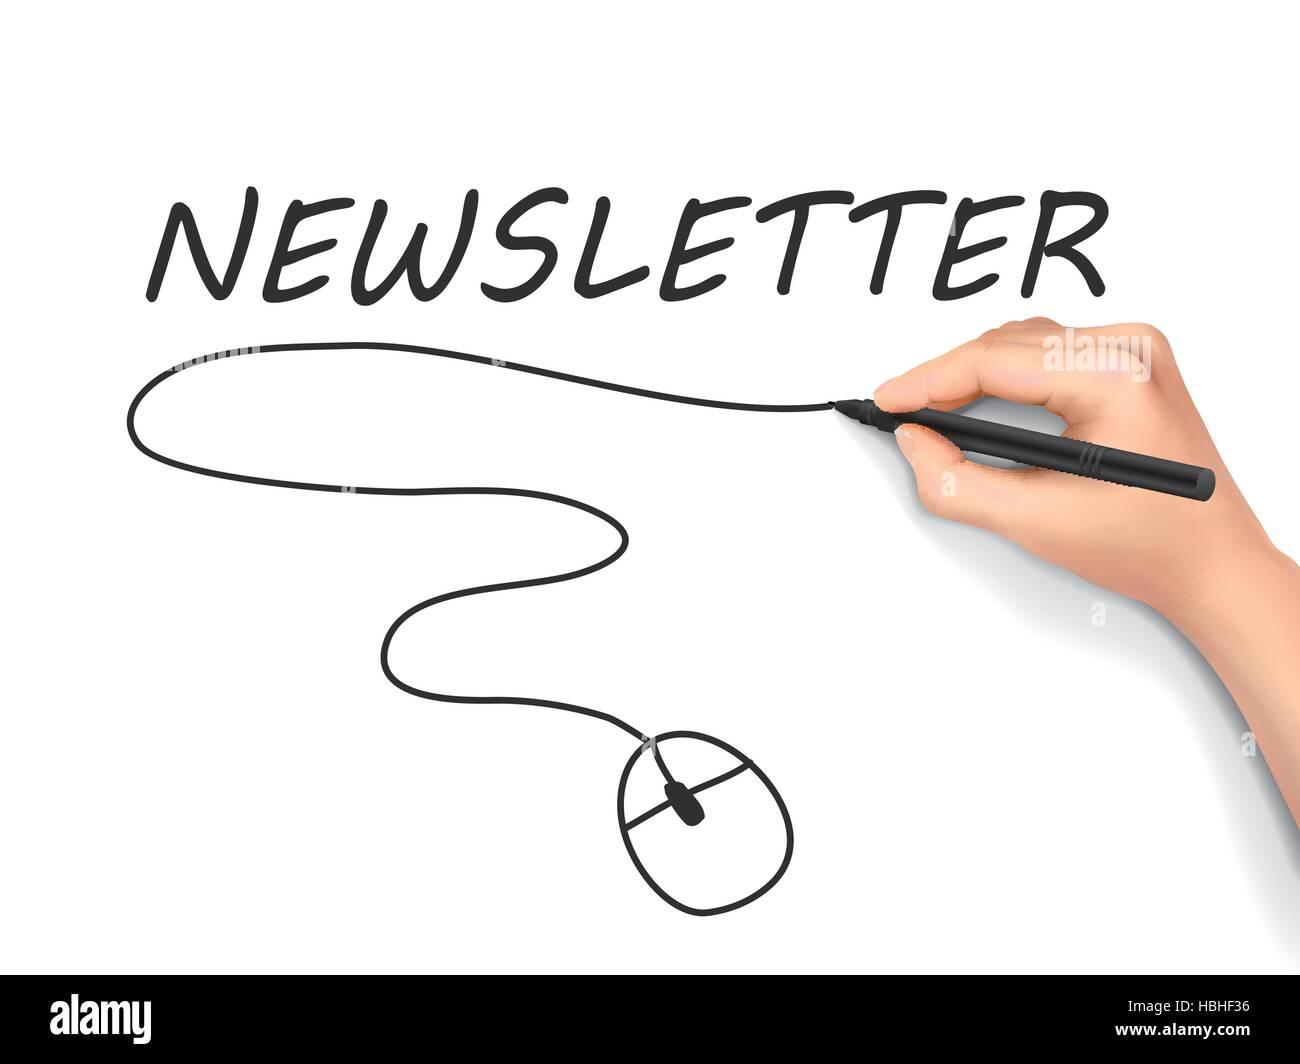 Newsletter Stockfotos & Newsletter Bilder - Alamy